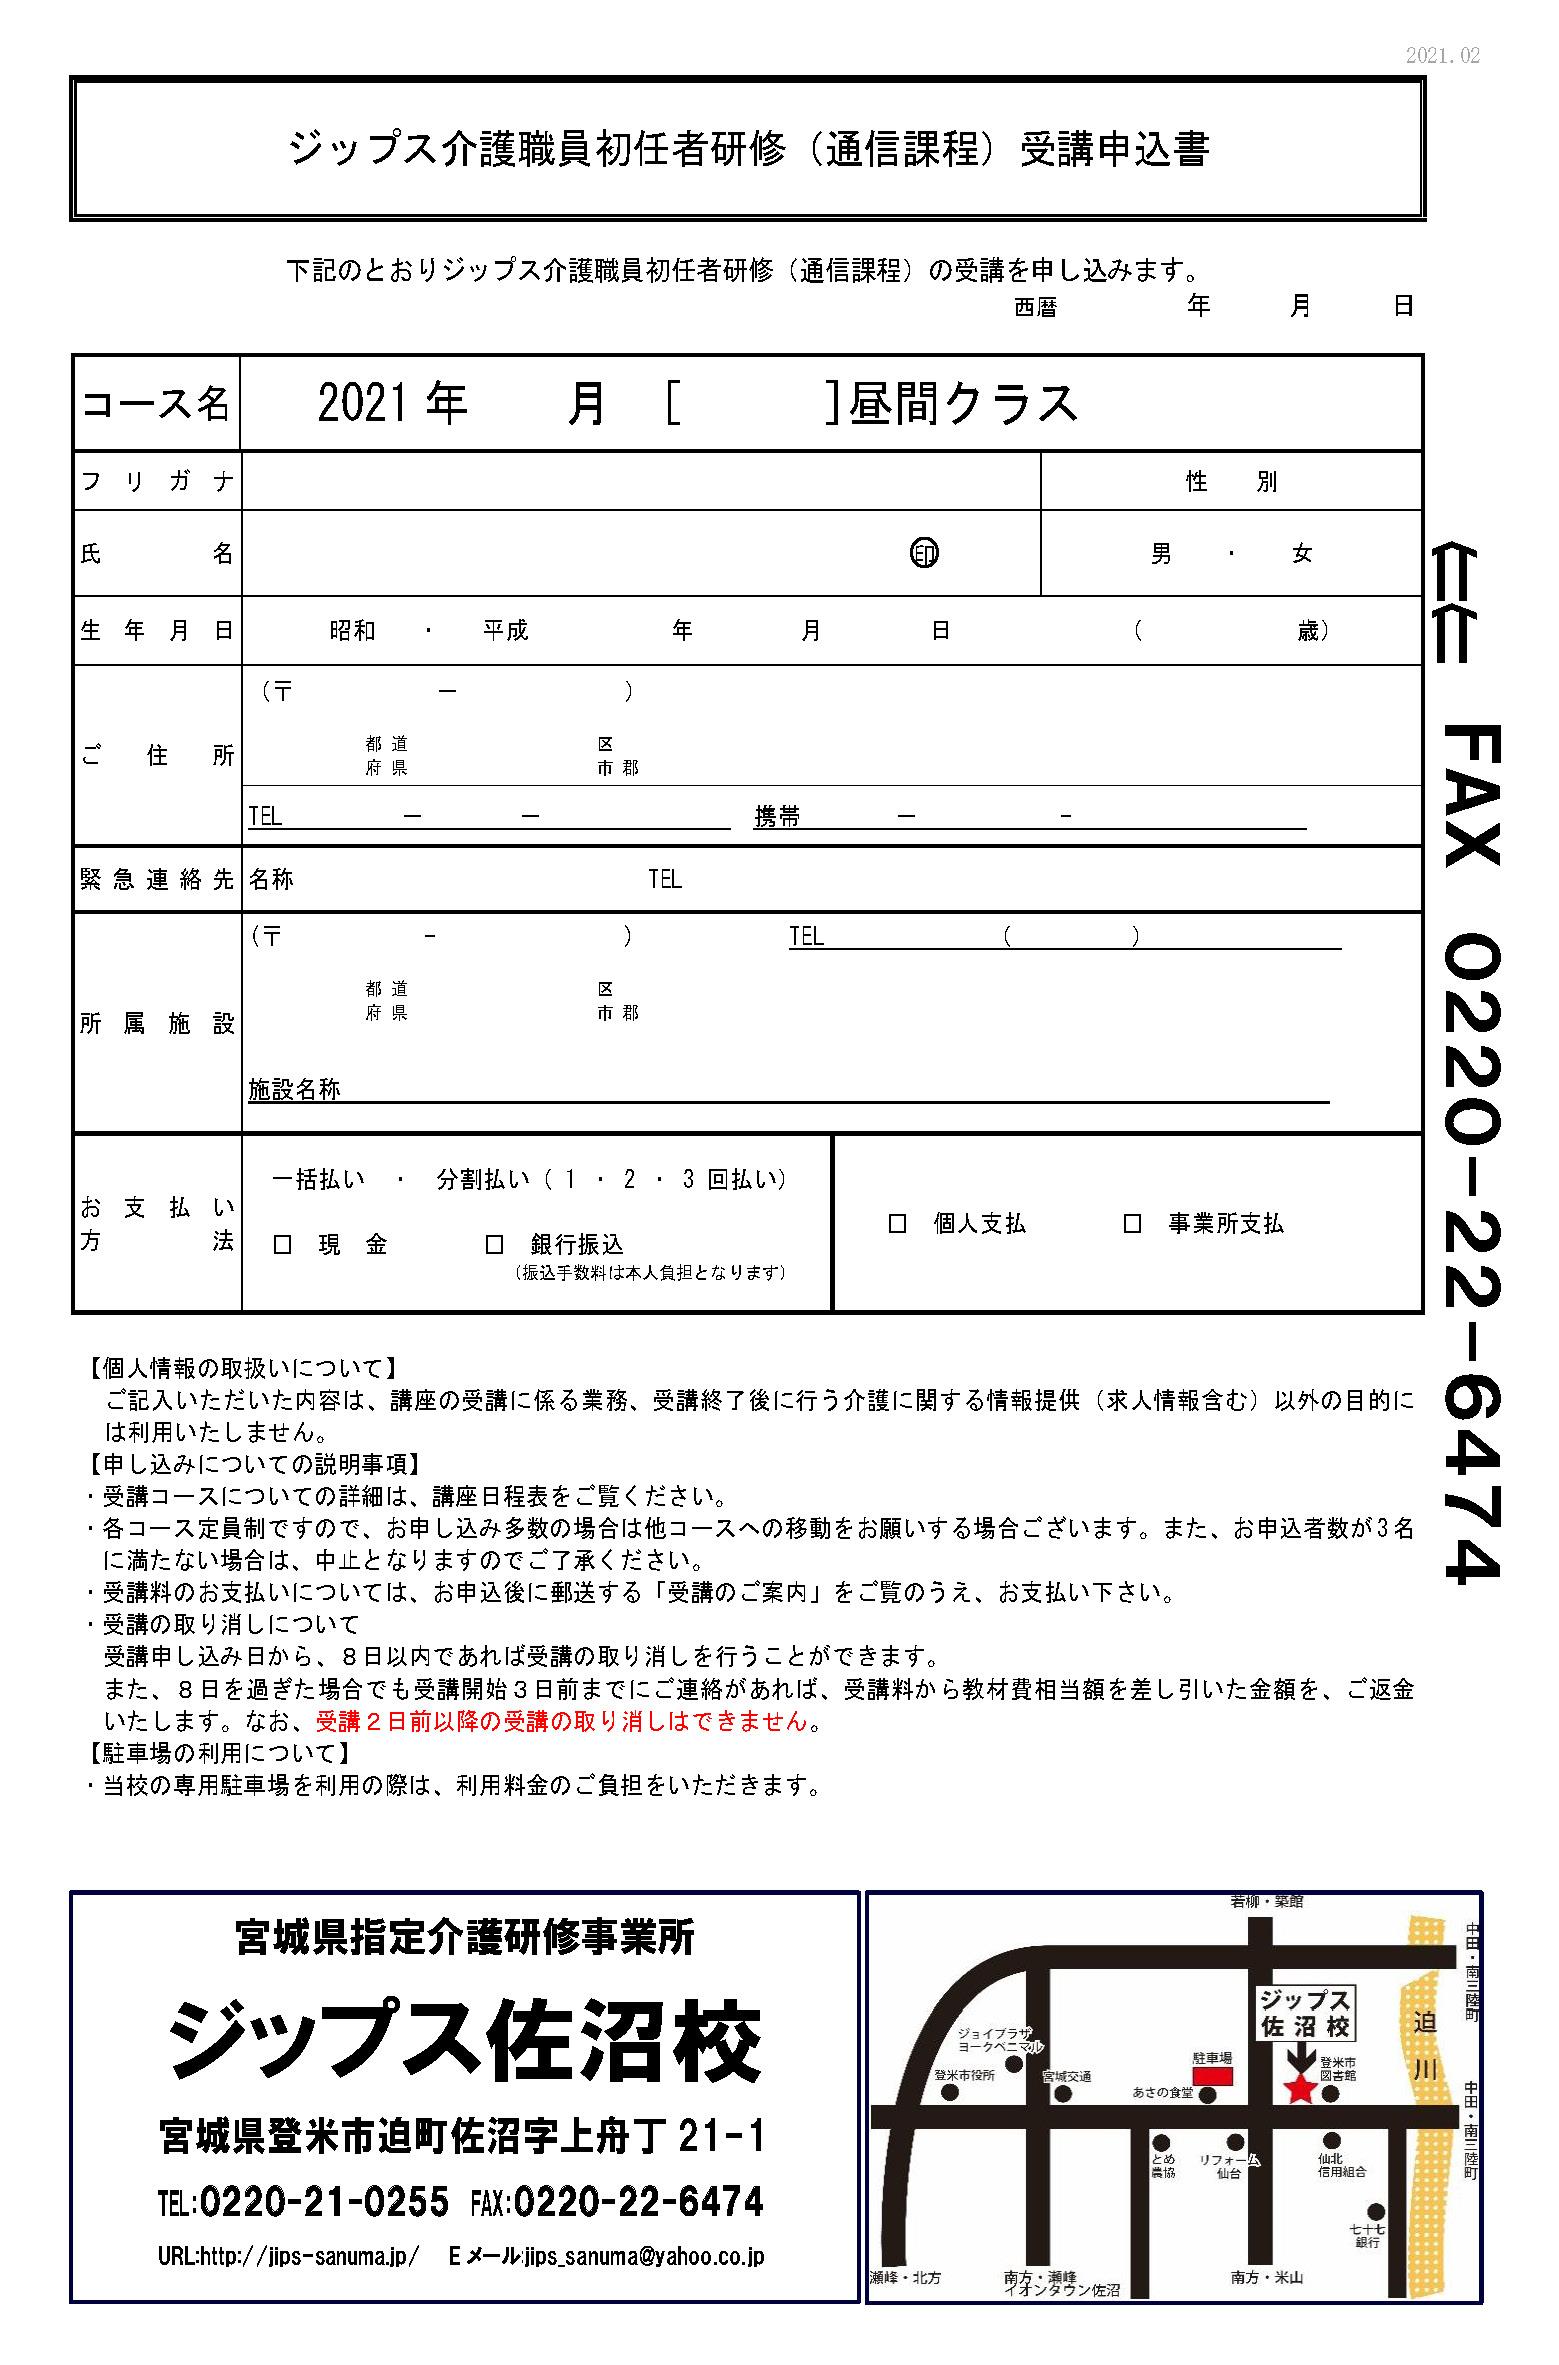 初任者研修募集チラシ2021年4月_ページ_2